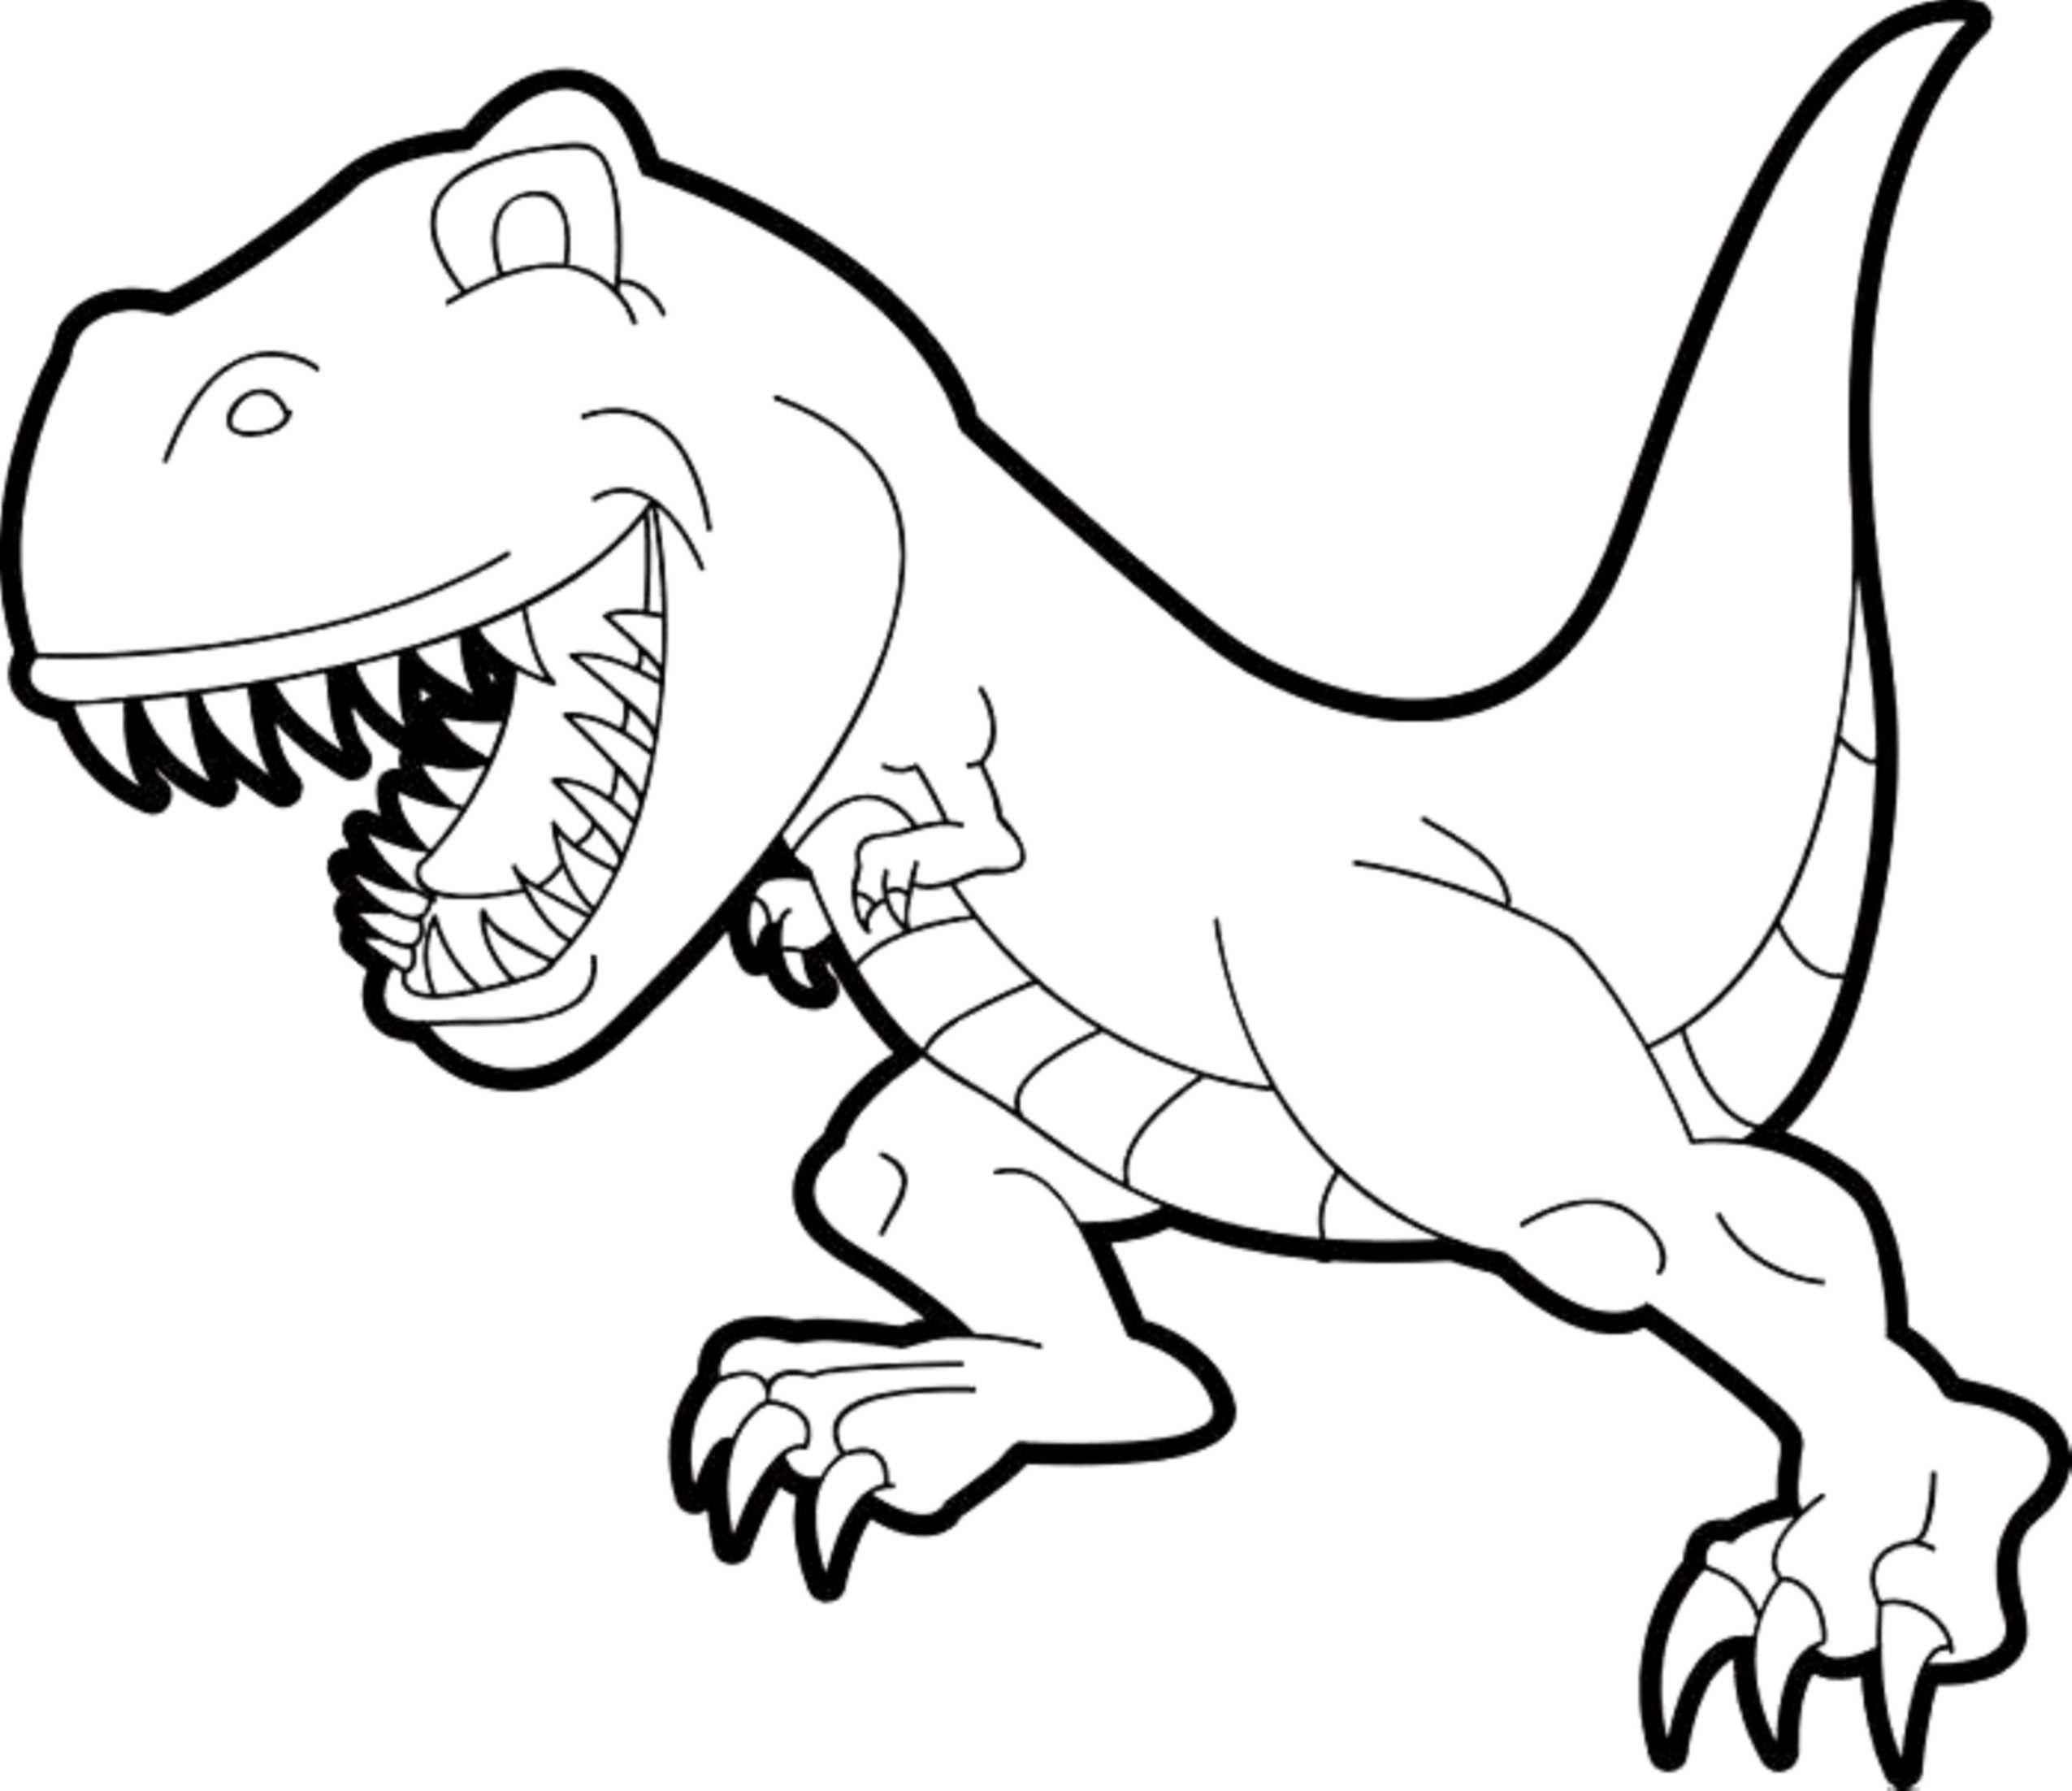 40 malvorlage t rex  besten bilder von ausmalbilder